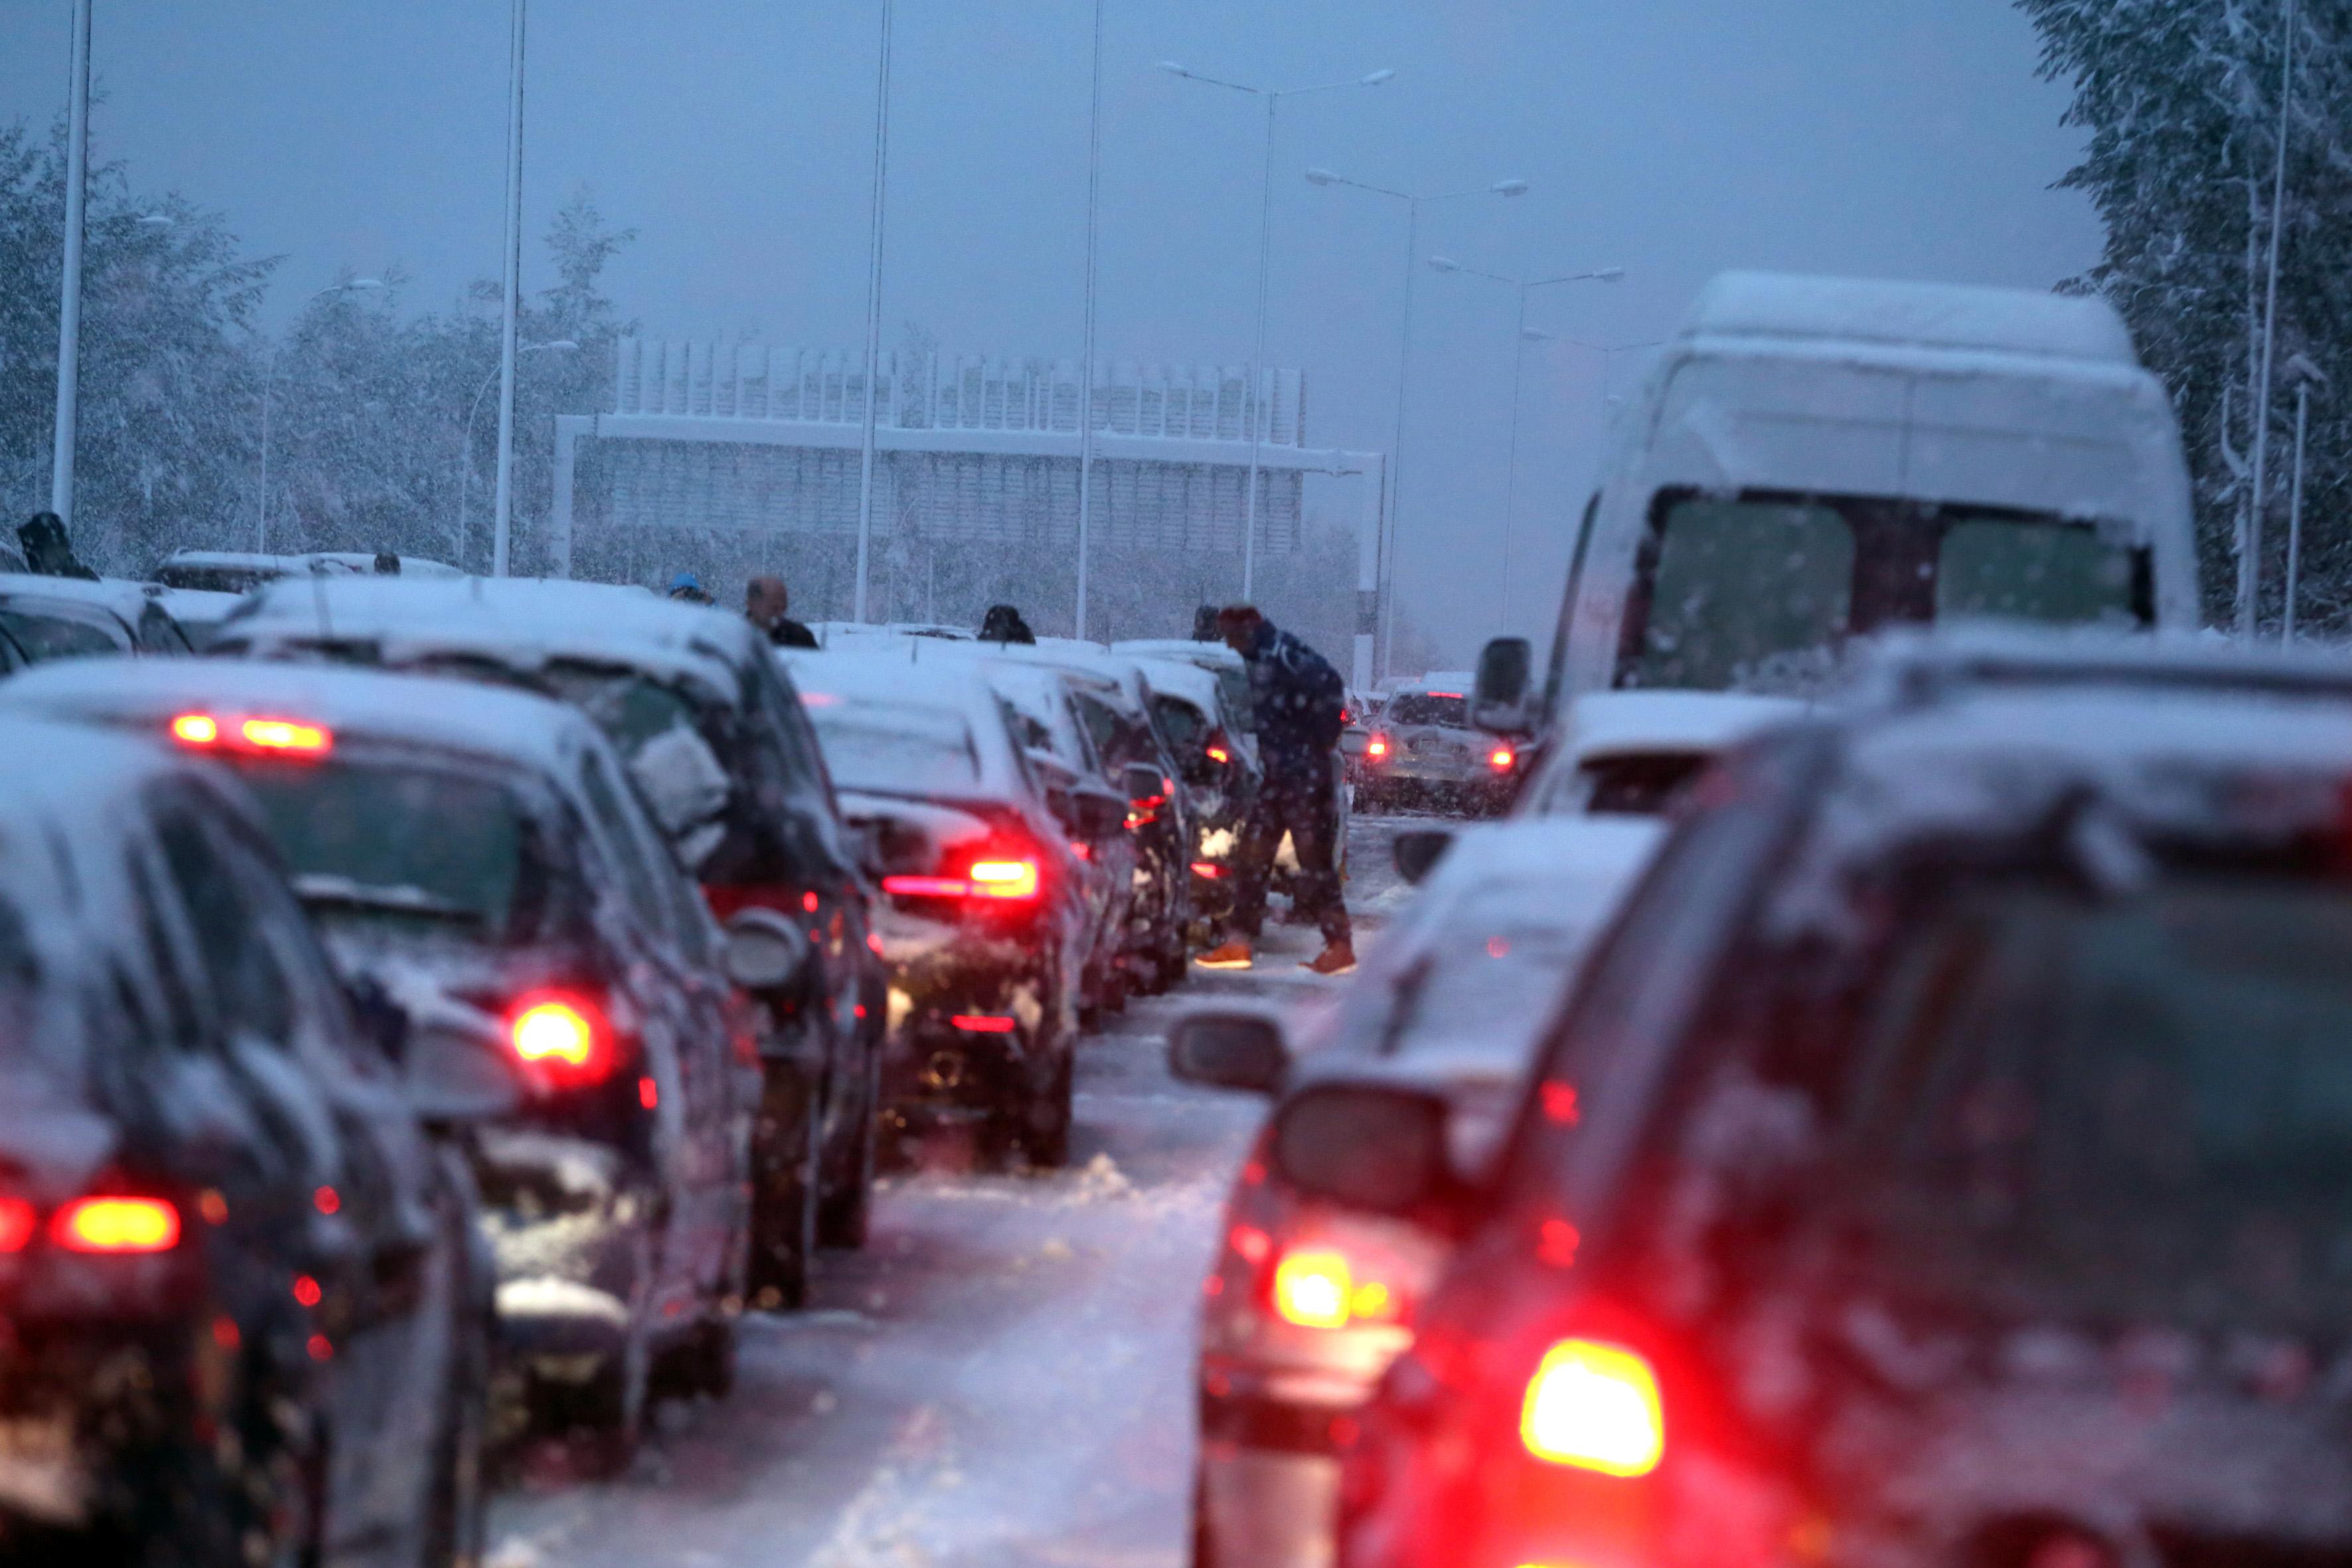 Έρευνα με εντολή του πρωθυπουργού για το κλείσιμο της Εθνικής Οδού – Αντικαταστάθηκε ο Διοικητής του Β' Τμήματος Αυτοκινητοδρόμων Αττικής